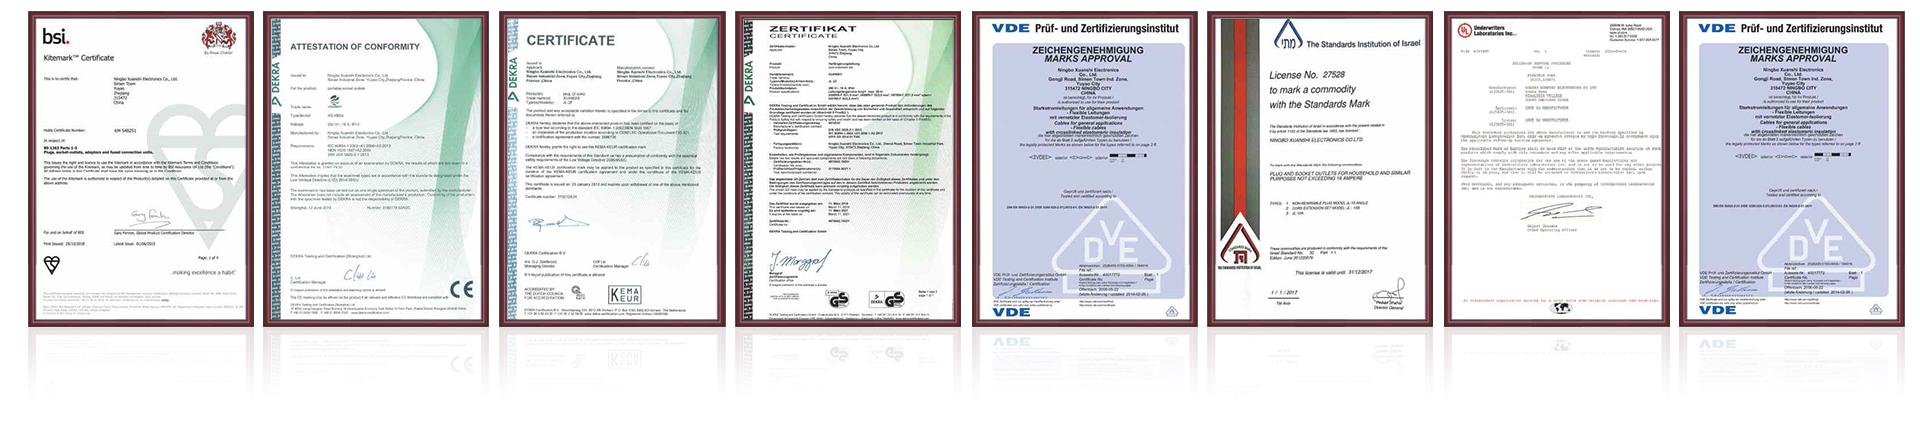 Ningbo Xuanshi Electronics Co Ltd Power Cord Extension Cara Wiring Lampu Rumah